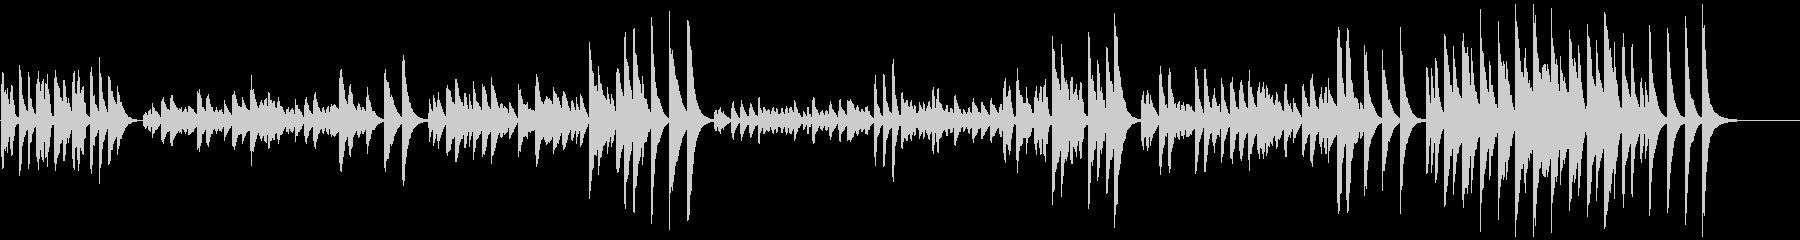 3分クッキングの原曲(マリンバ)の未再生の波形